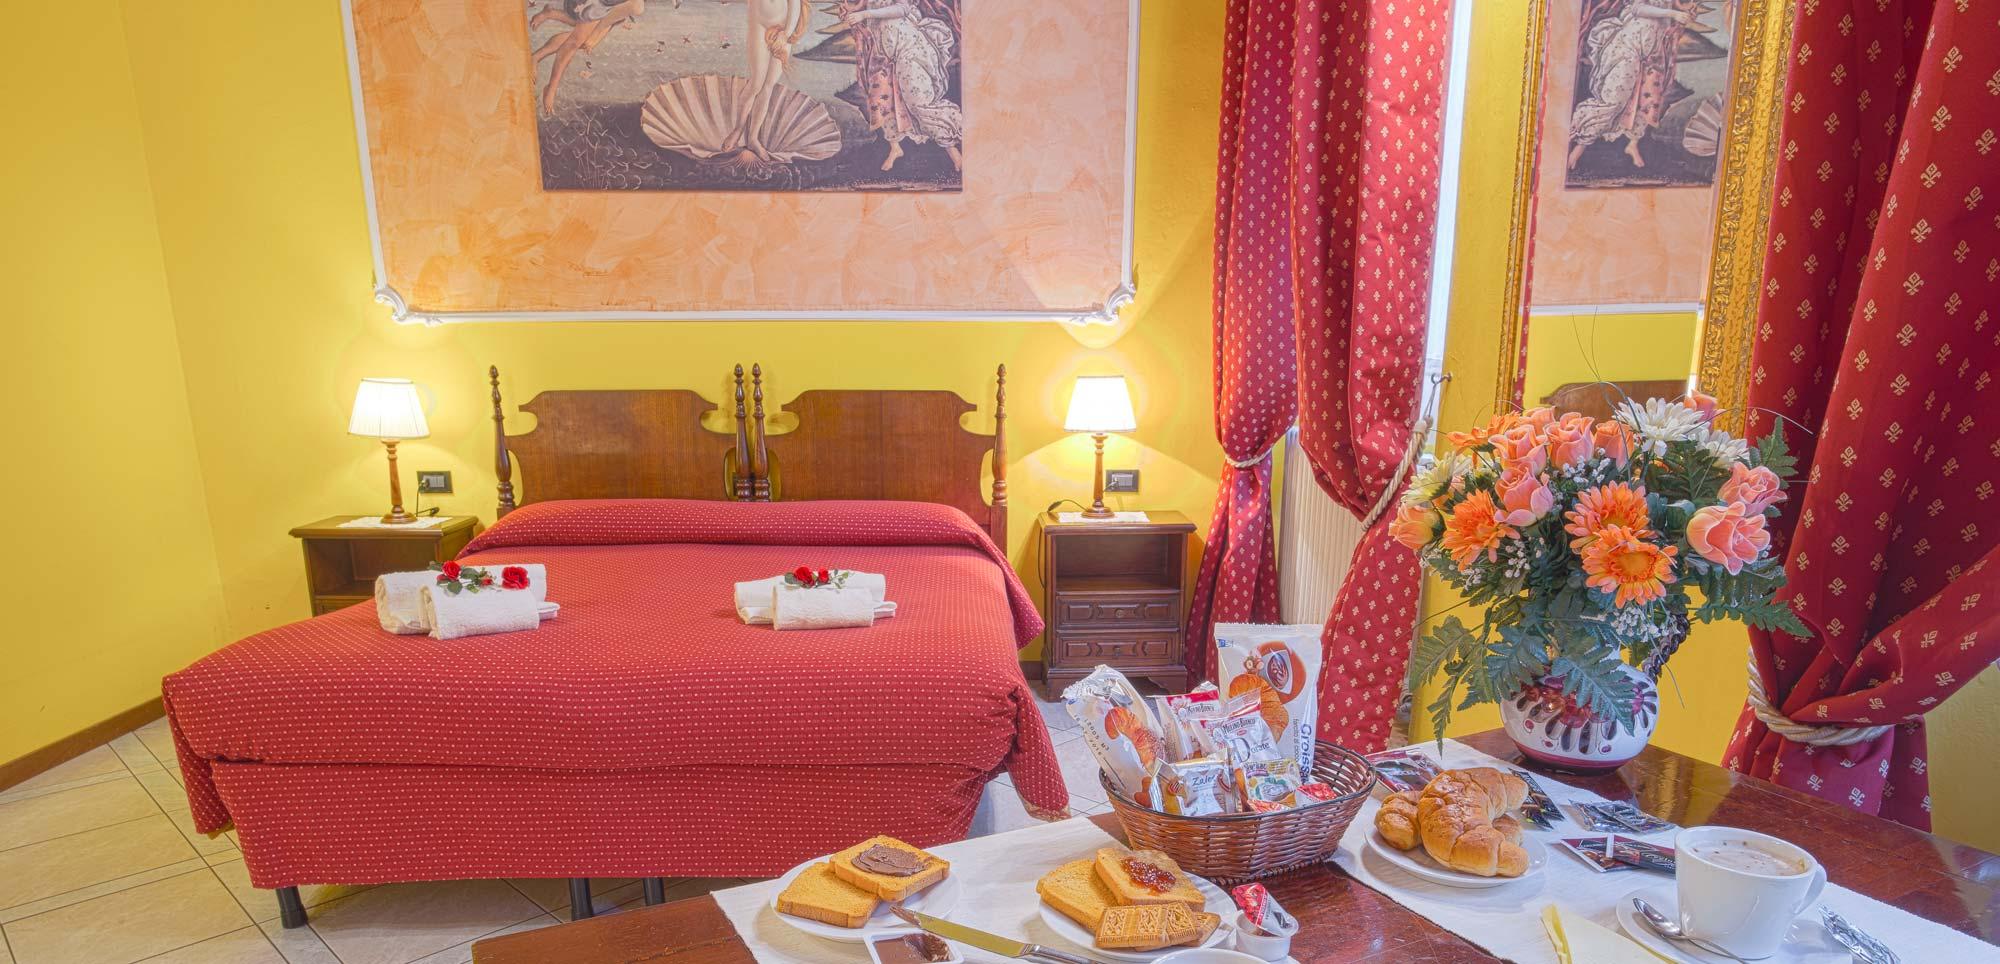 Отель Soggiorno Alessandra 3* Италия, Флоренция - отзывы об ...